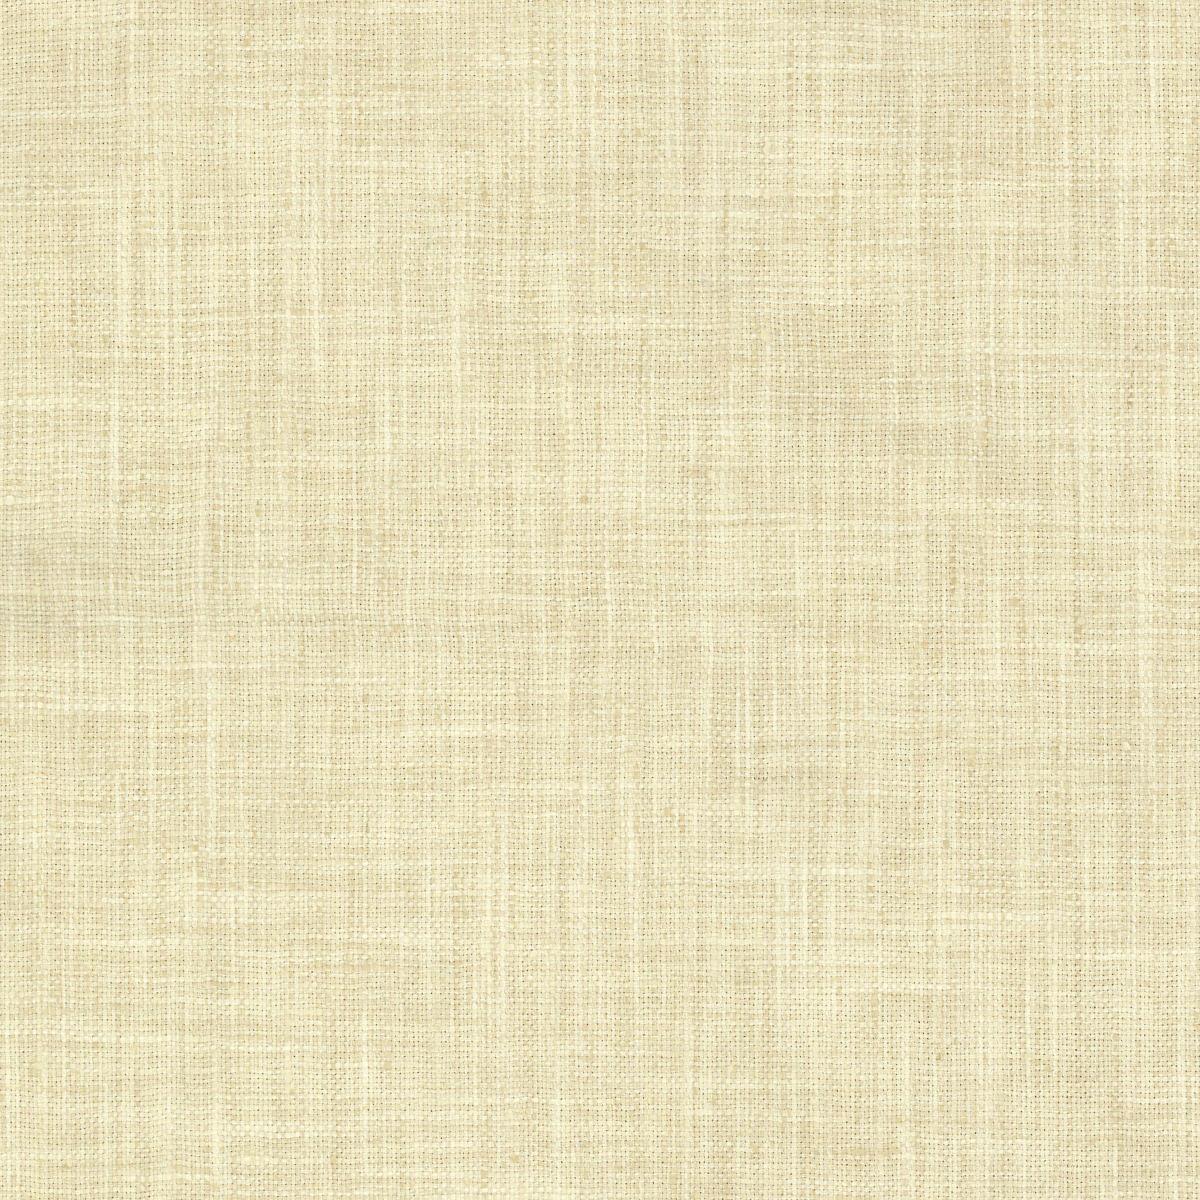 Greylock Ivory Indoor/Outdoor Fabric